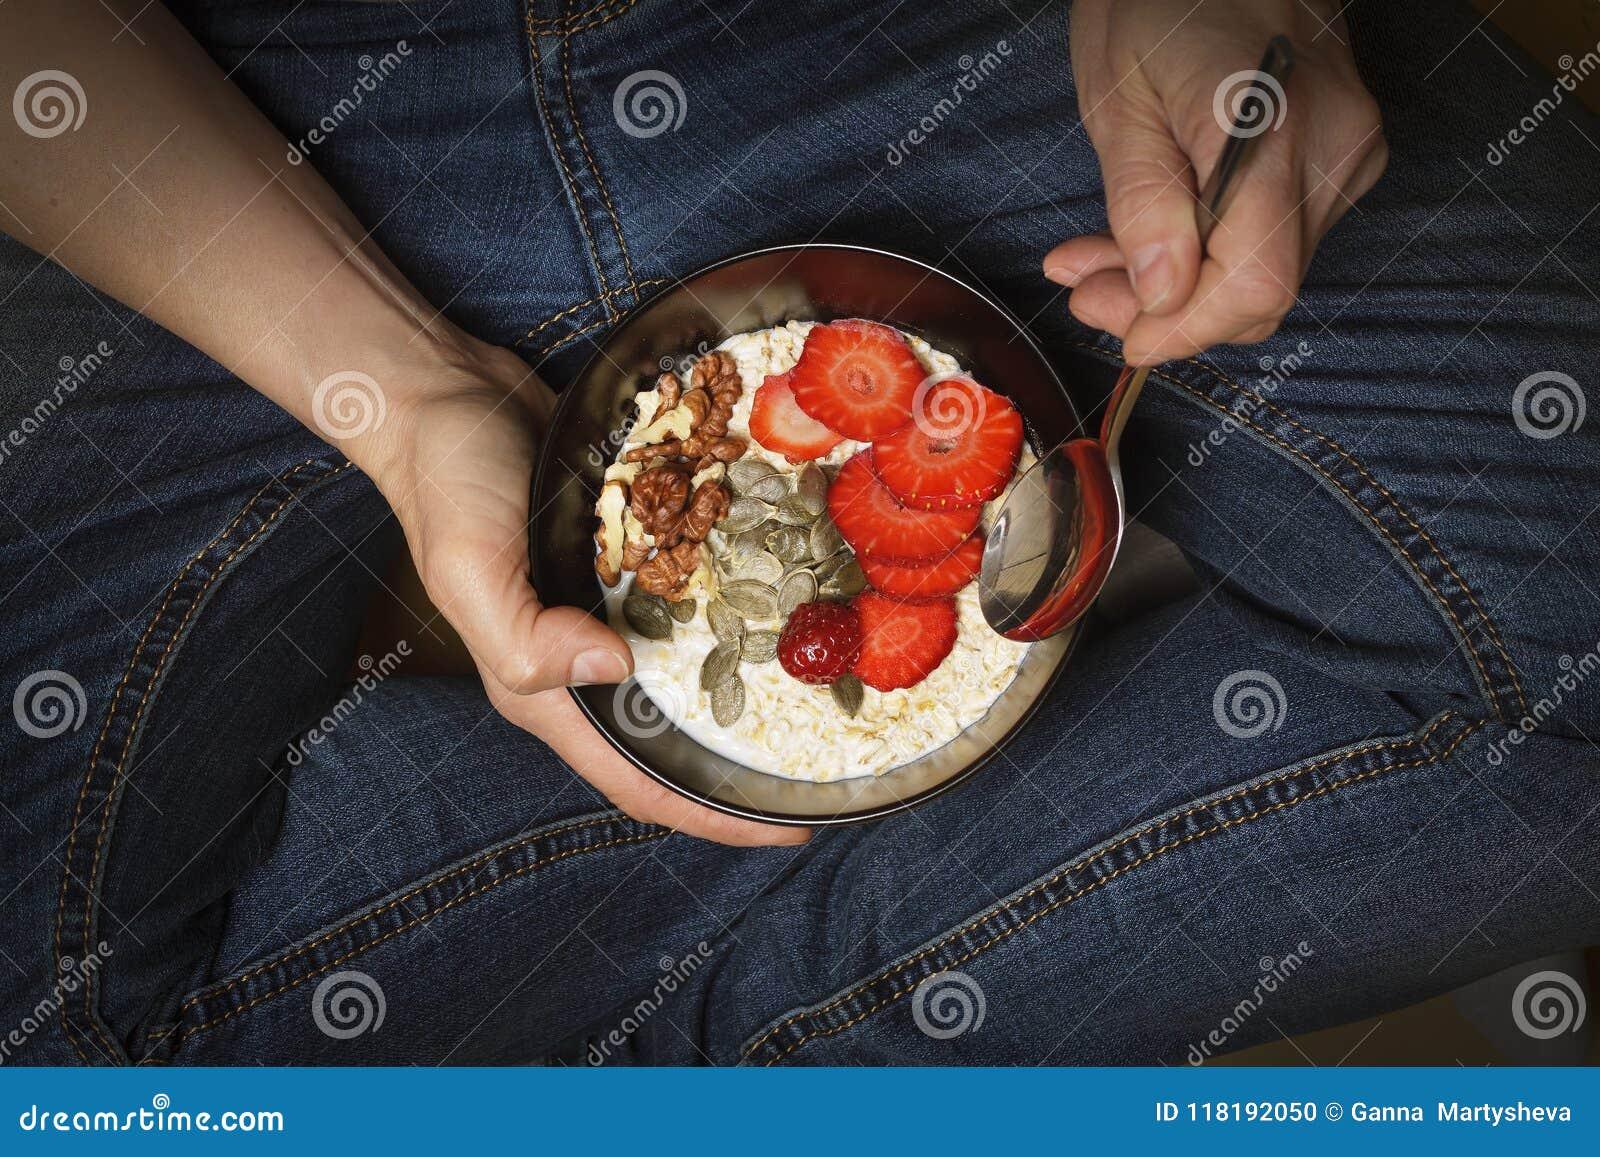 Il cibo sano, ciotola della prima colazione, yogurt, granola, semi, frutta fresca, ciotola, mano del ` s della donna, pulisce il